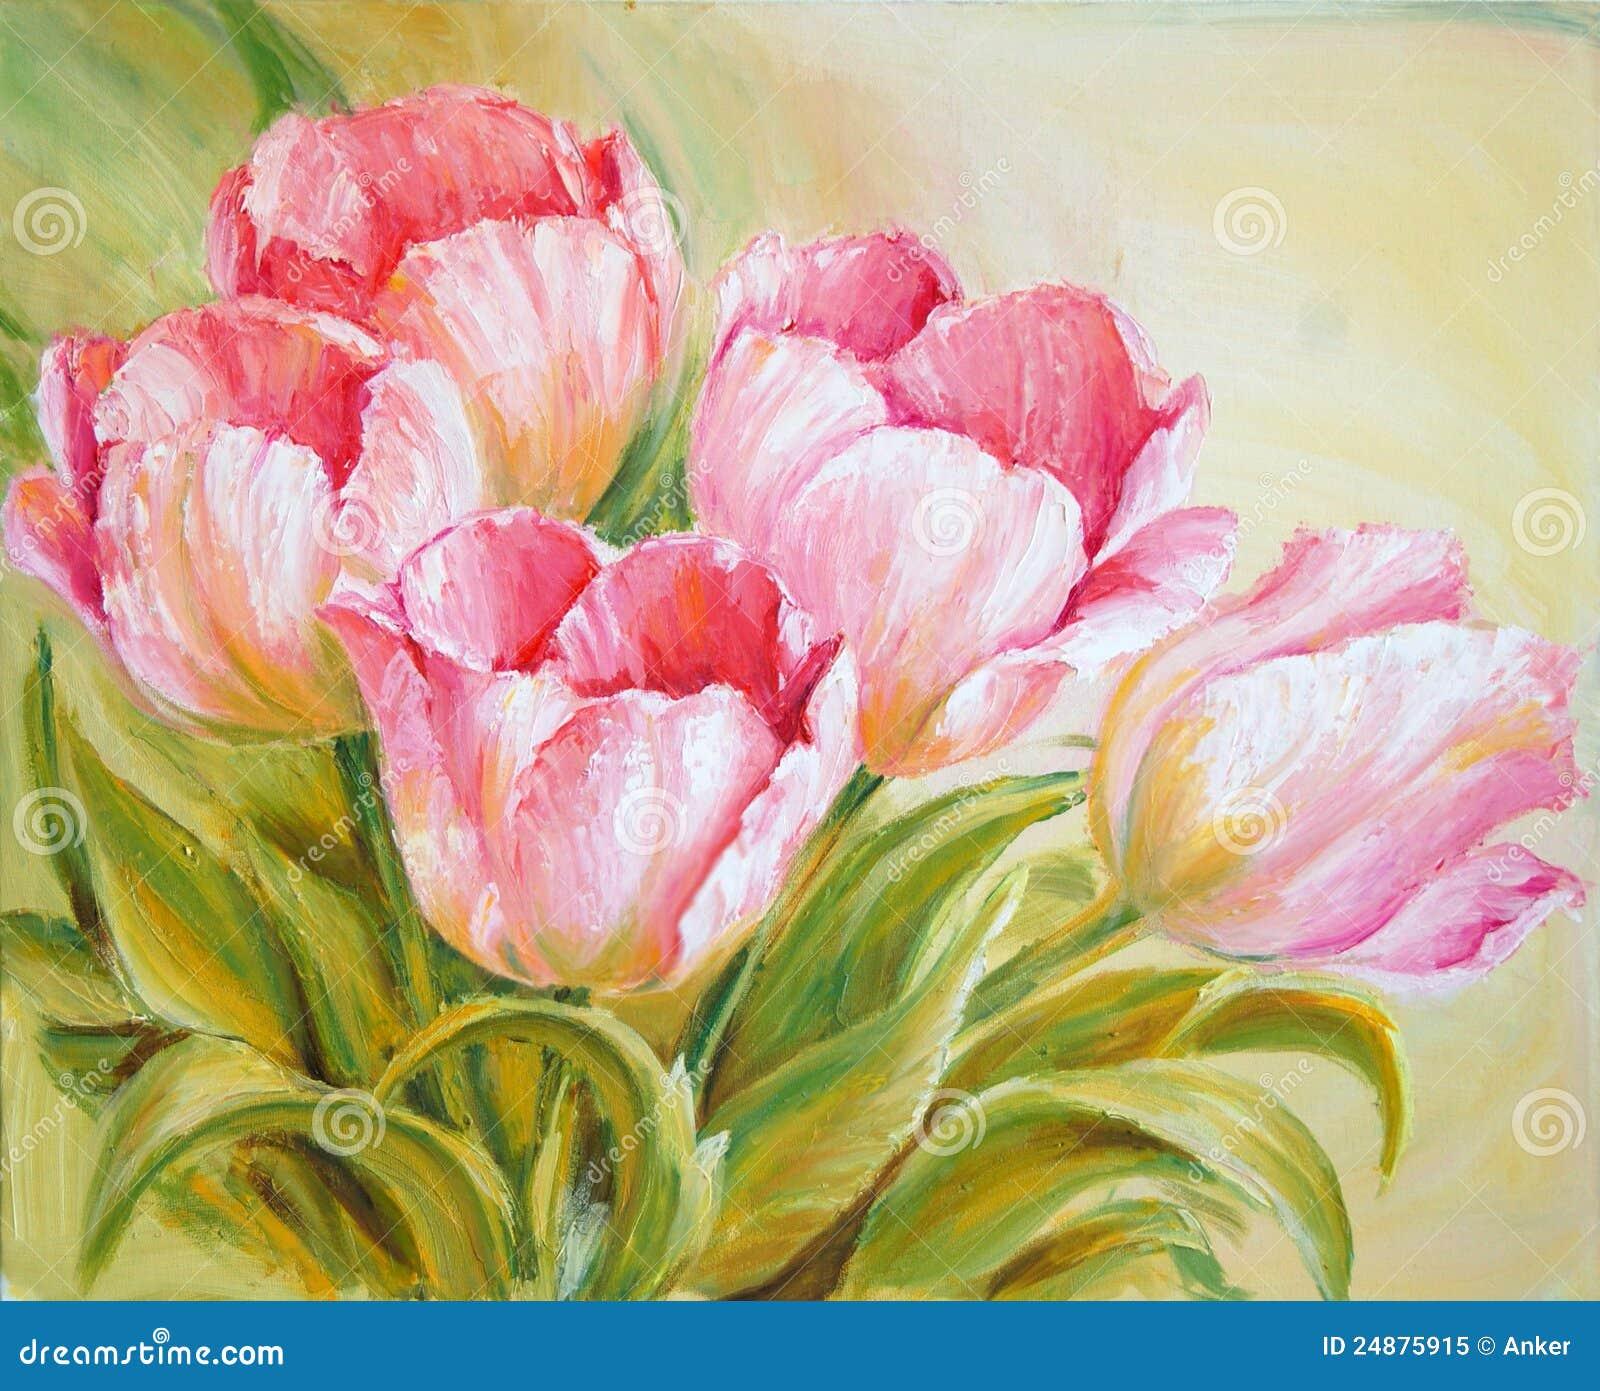 Obraz olejny tulipany